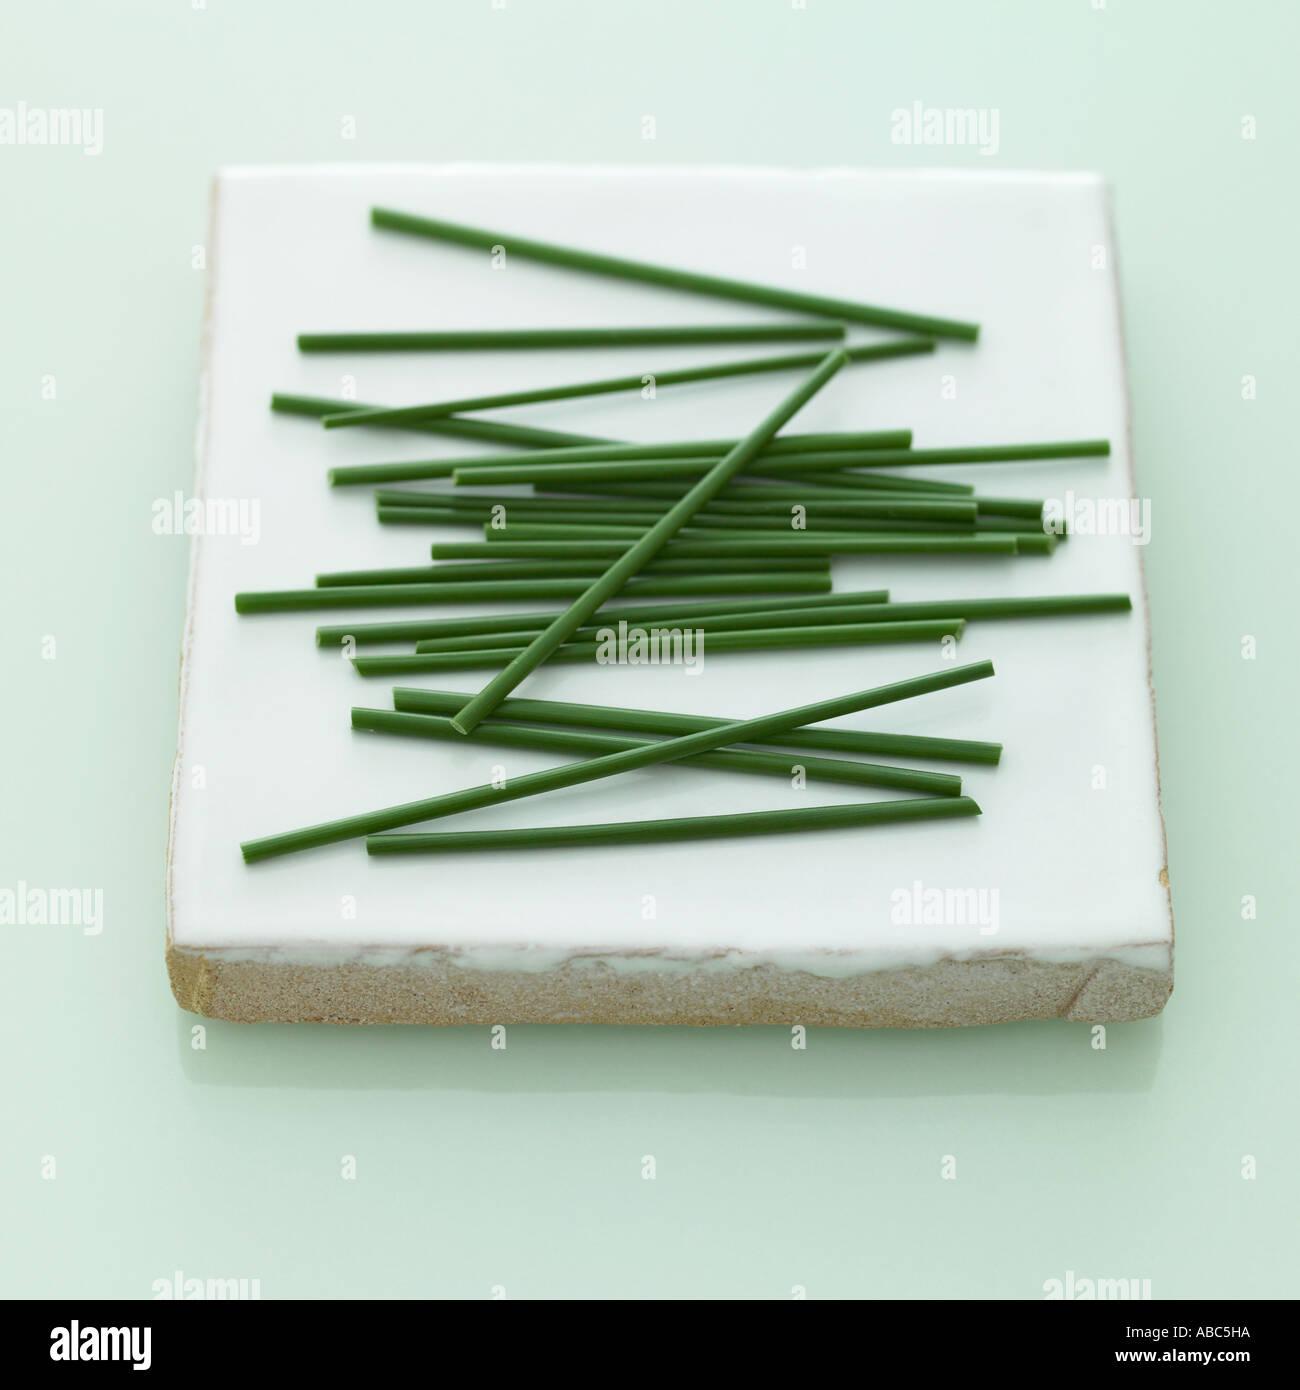 Schnittlauch - Teil einer Serie ähnlicher Kraut-Bilder Stockbild